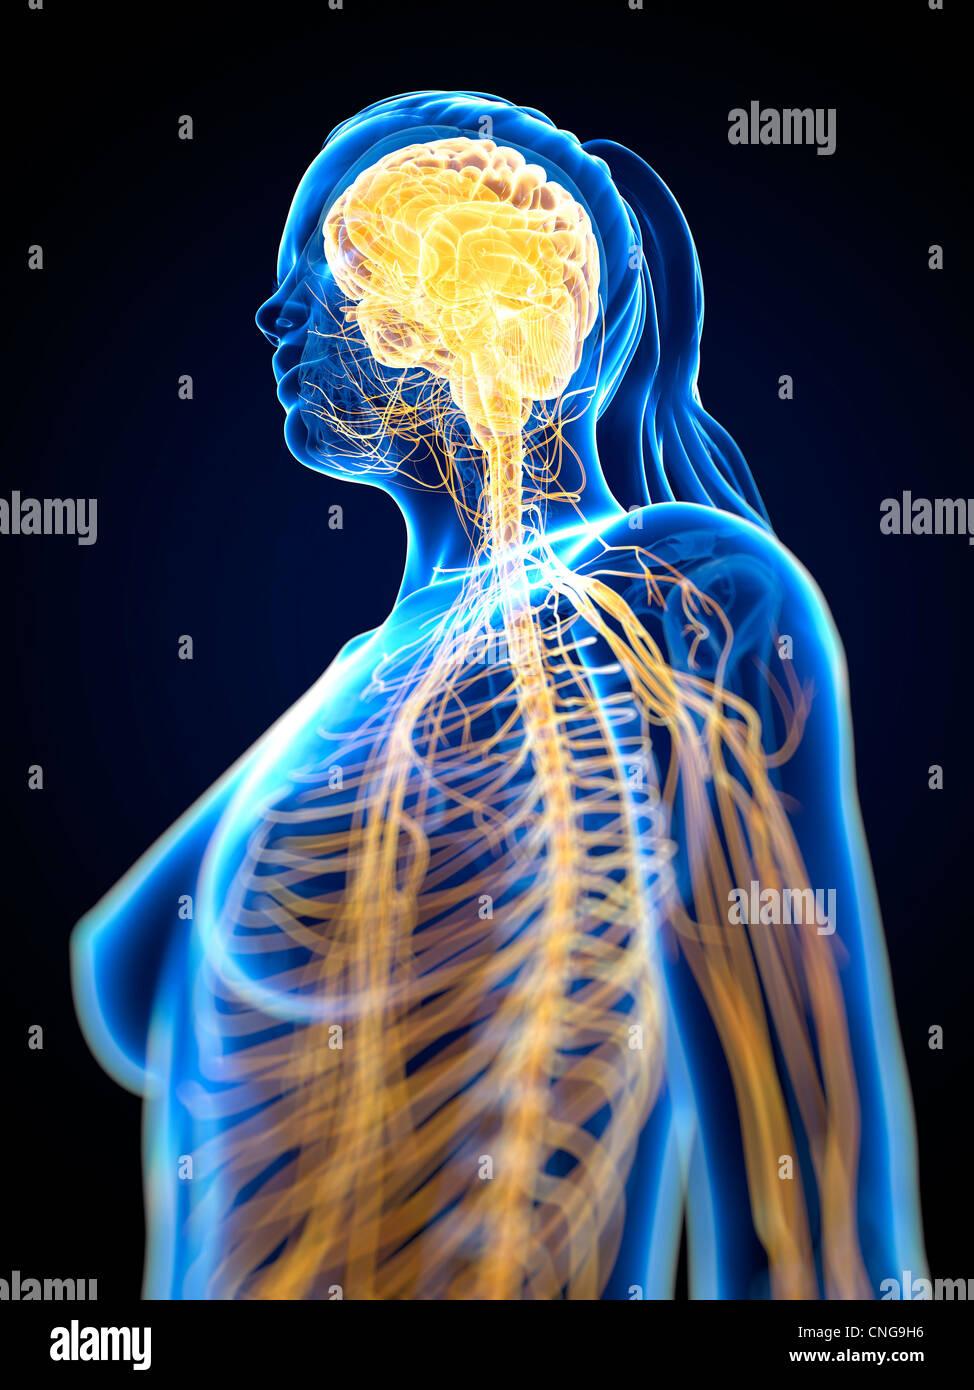 Nervous system  artwork - Stock Image